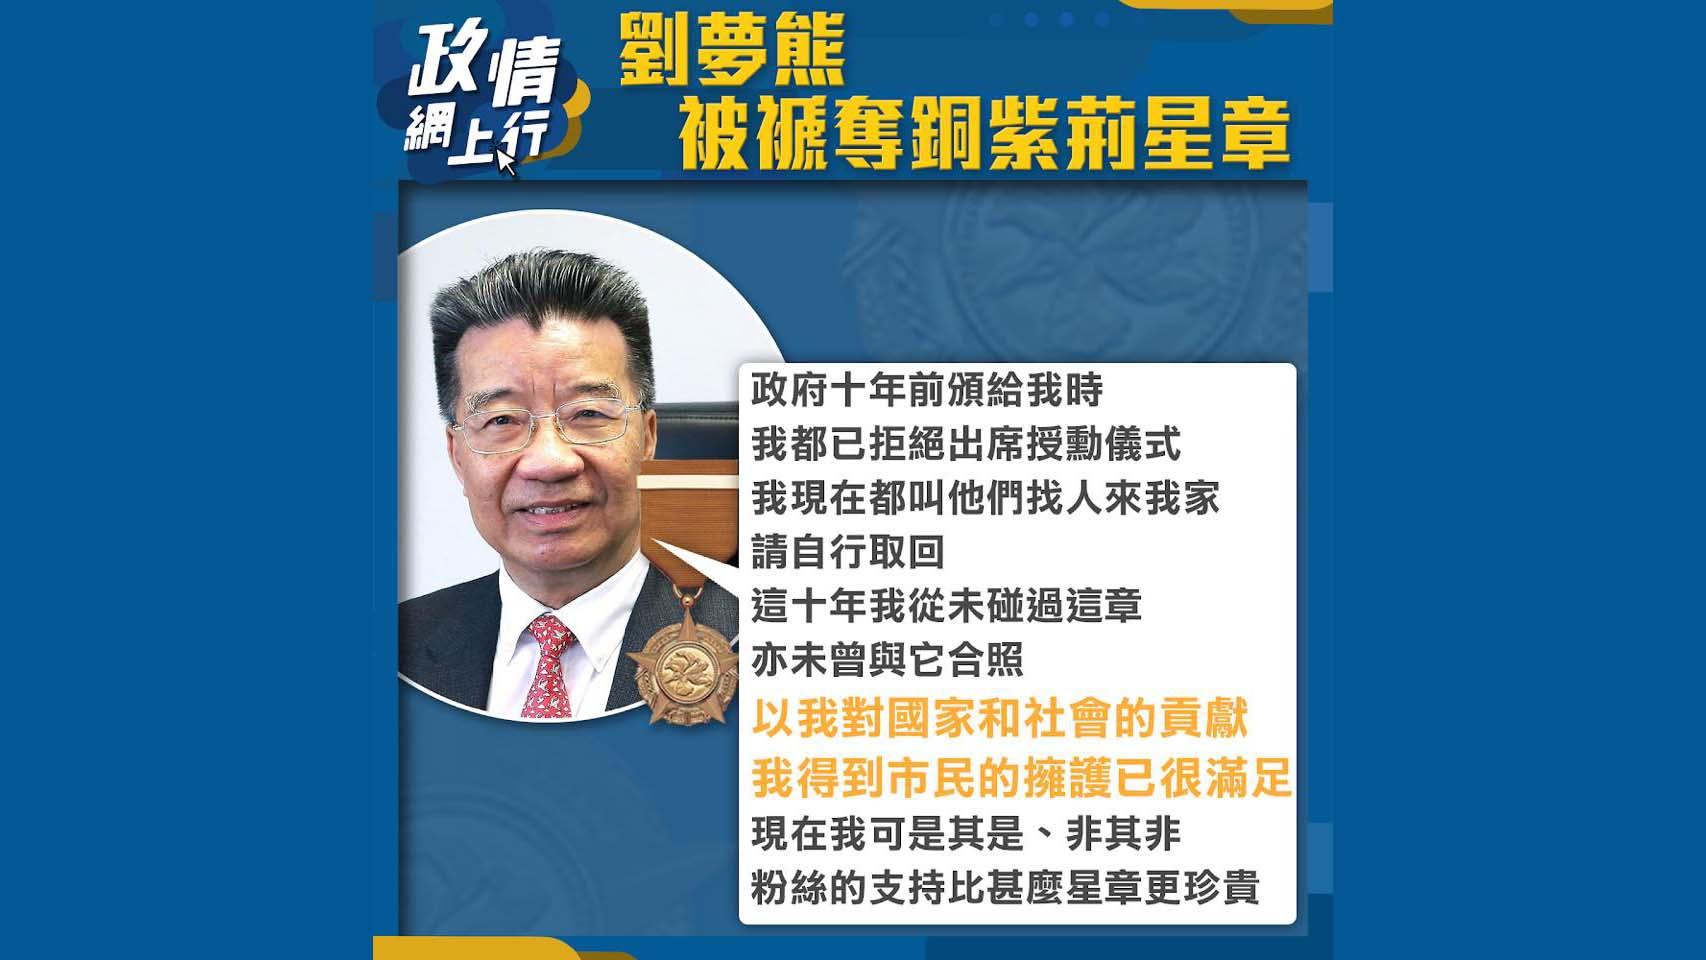 【政情網上行】劉夢熊被褫奪銅紫荊星章